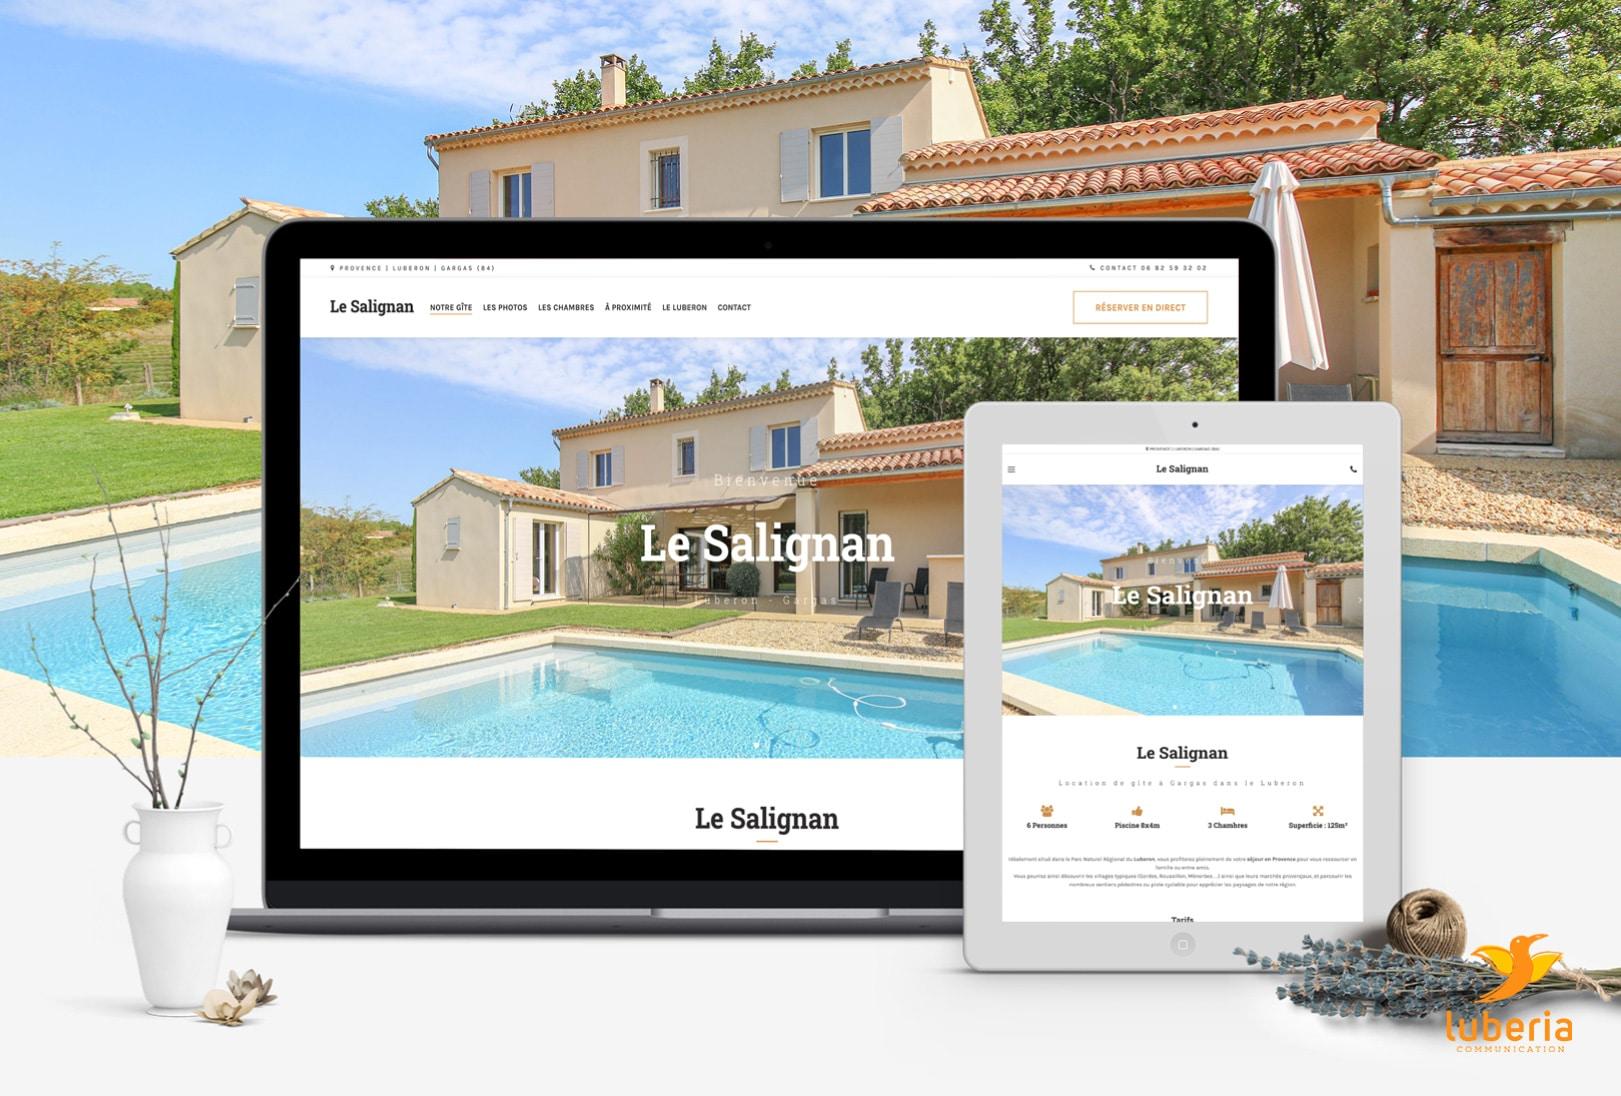 Création de site web pour gite, chambres d'hôtes, mas et location hébergement